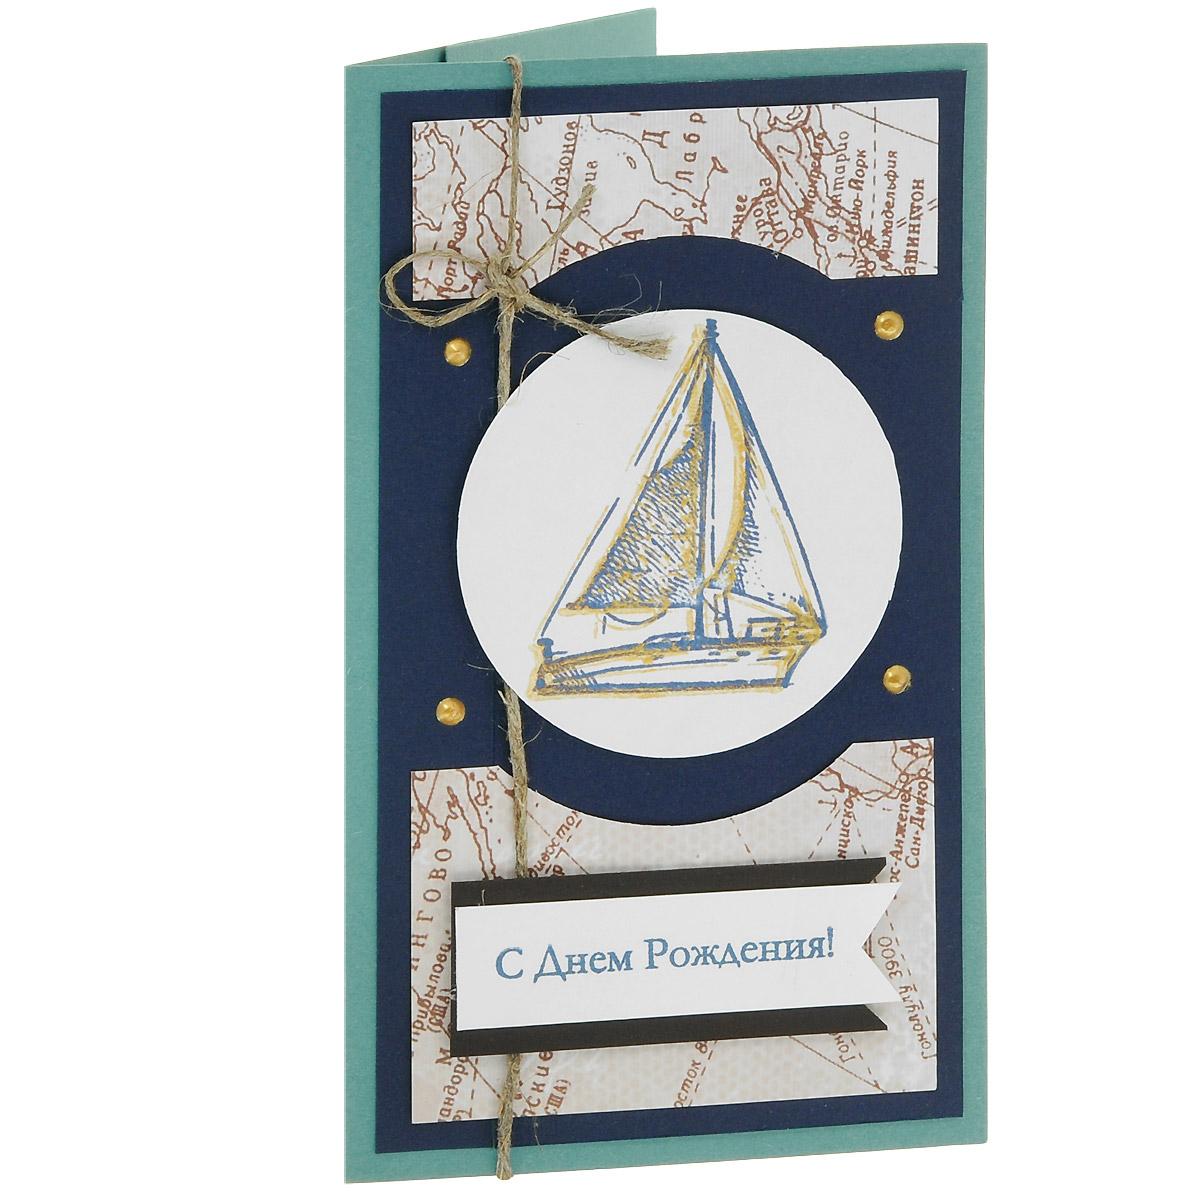 ОМ-0015 Открытка-конверт «С Днём Рождения!» (морские карты, паруса, канаты). Студия «Тётя Роза»94991Характеристики: Размер 19 см x 11 см.Материал: Высоко-художественный картон, бумага, декор.Данная открытка может стать как прекрасным дополнением к вашему подарку, так и самостоятельным подарком. Так как открытка является и конвертом, в который вы можете вложить ваш денежный подарок или просто написать ваши пожелания на вкладыше.Морские карты, паруса и канаты – вот настоящая мужская тема! Небольшое количество декоративных элементов в оформлении подчеркивают сдержанность и выразительность!Также открытка упакована в пакетик для сохранности. Обращаем Ваше внимание на то, что открытка может незначительно отличаться от представленной на фото. Открытки ручной работы от студии Тётя Роза отличаются своим неповторимым и ярким стилем. Каждая уникальна и выполнена вручную мастерами студии. (Открытка для мужчин, открытка для женщины, открытка на день рождения, открытка с днем свадьбы, открытка винтаж, открытка с юбилеем, открытка на все случаи, скрапбукинг)